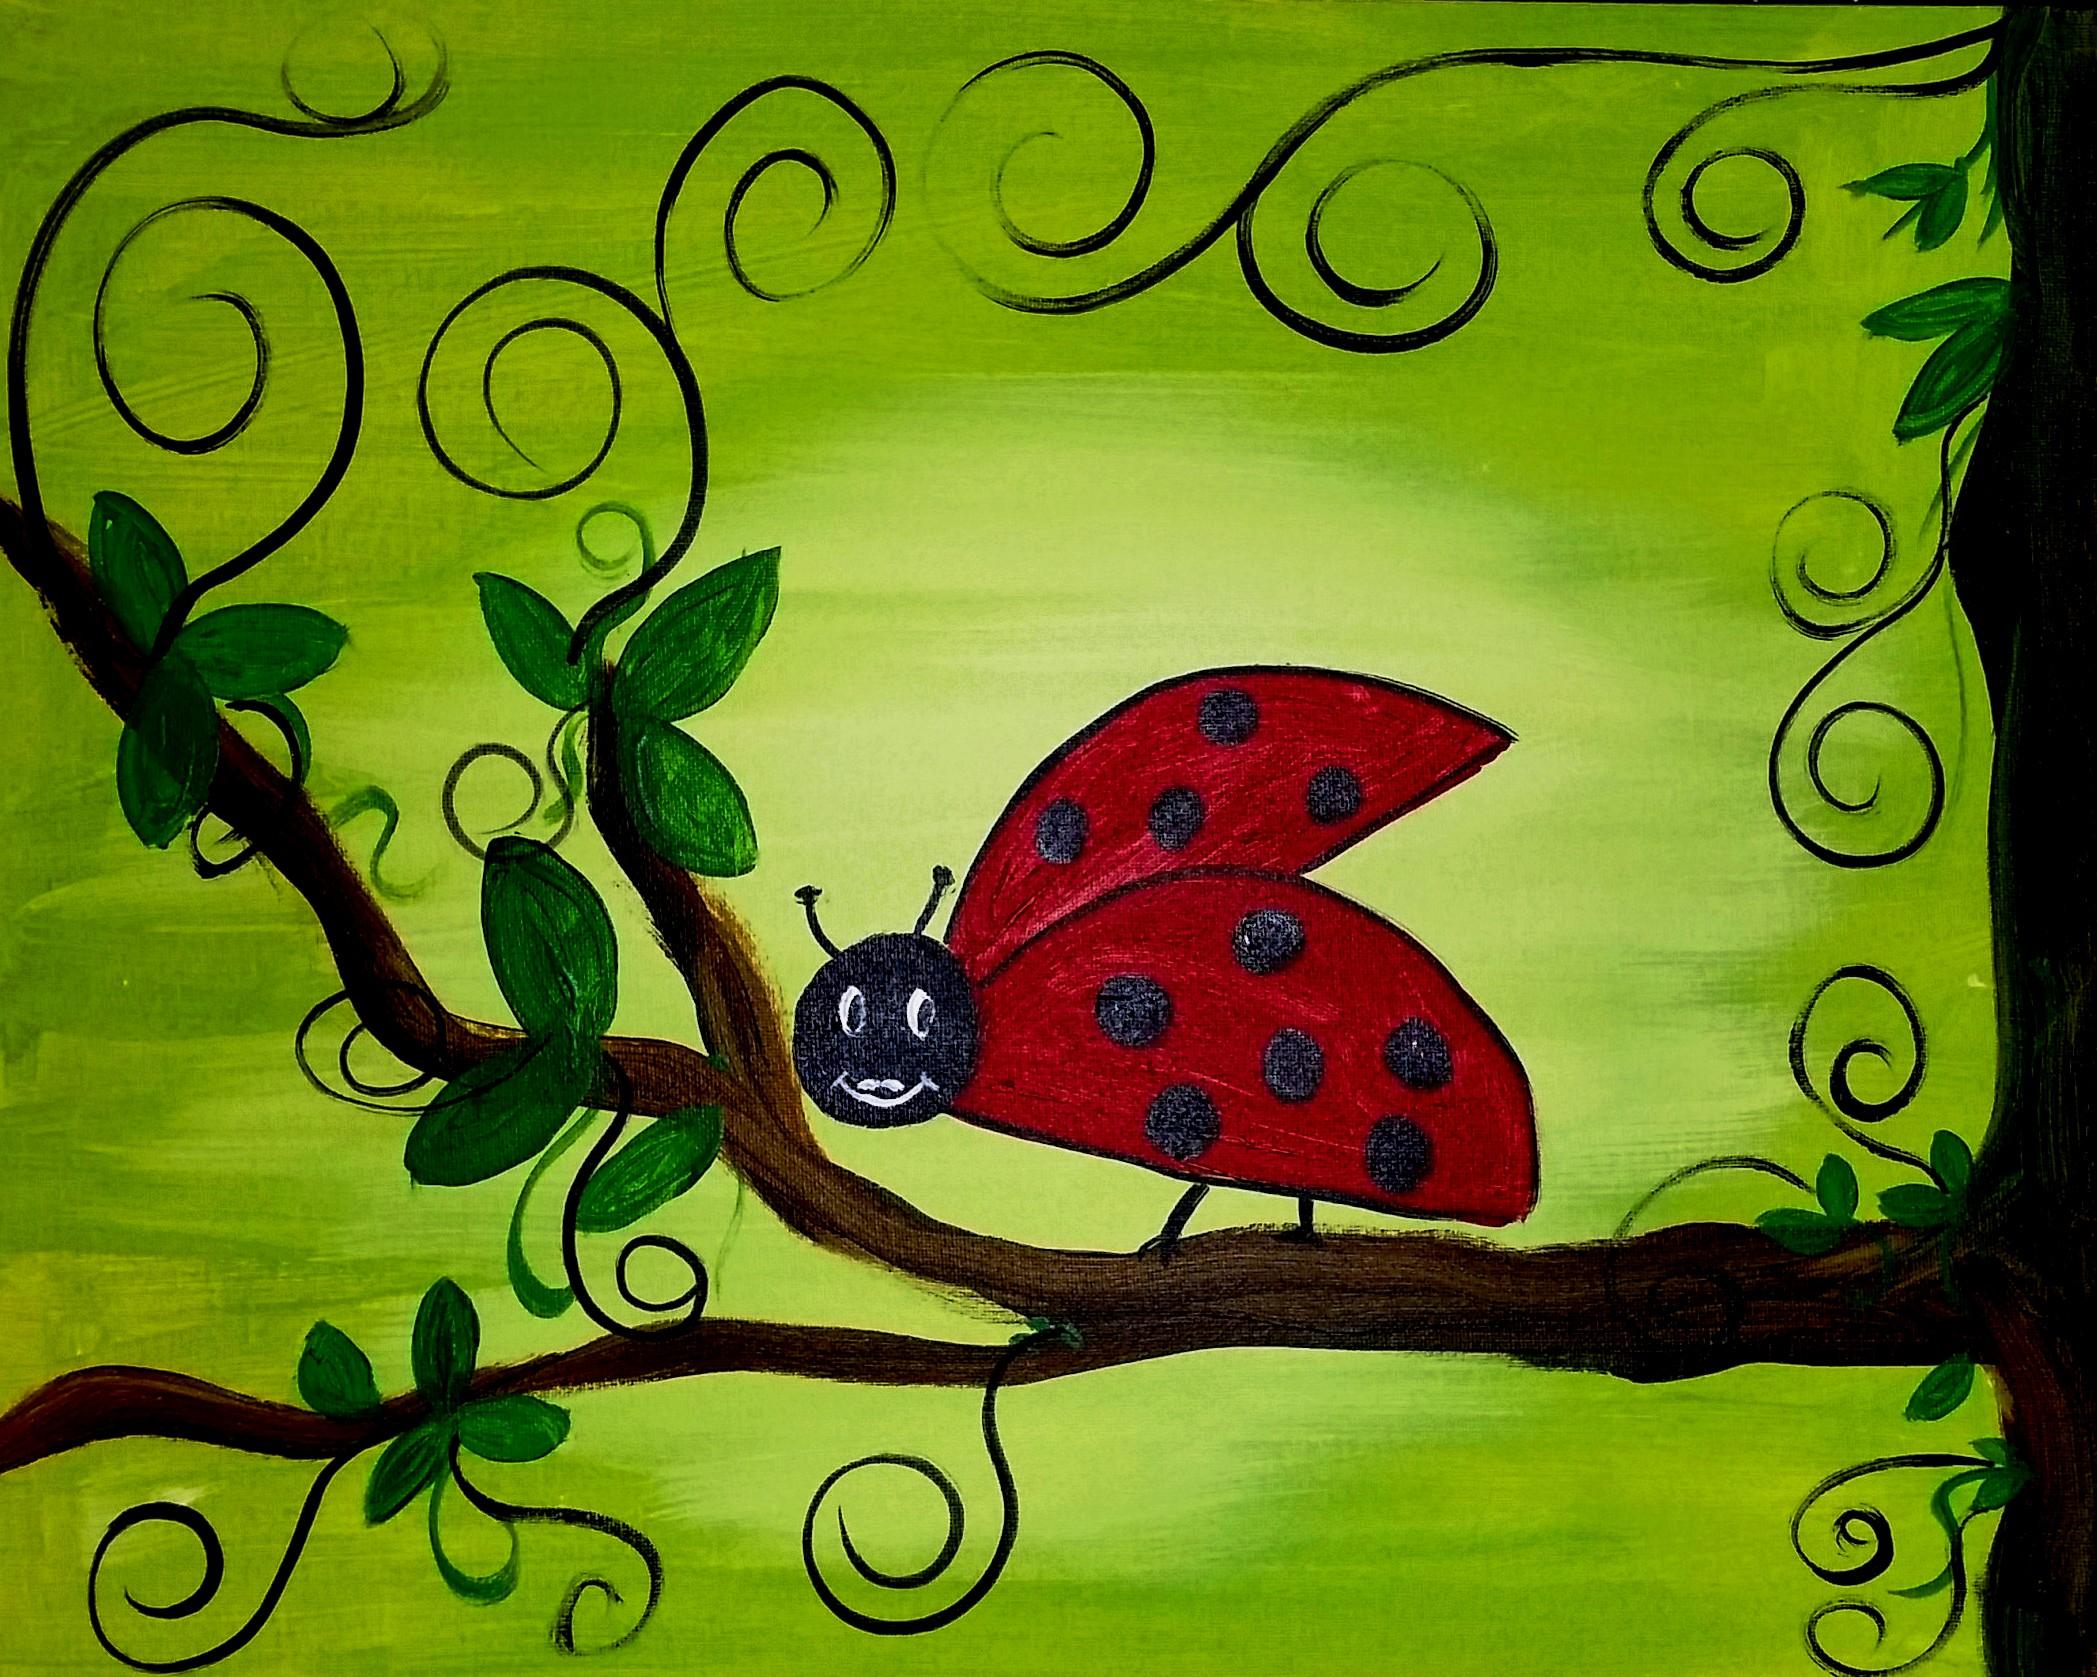 Whimsical Lady Bug